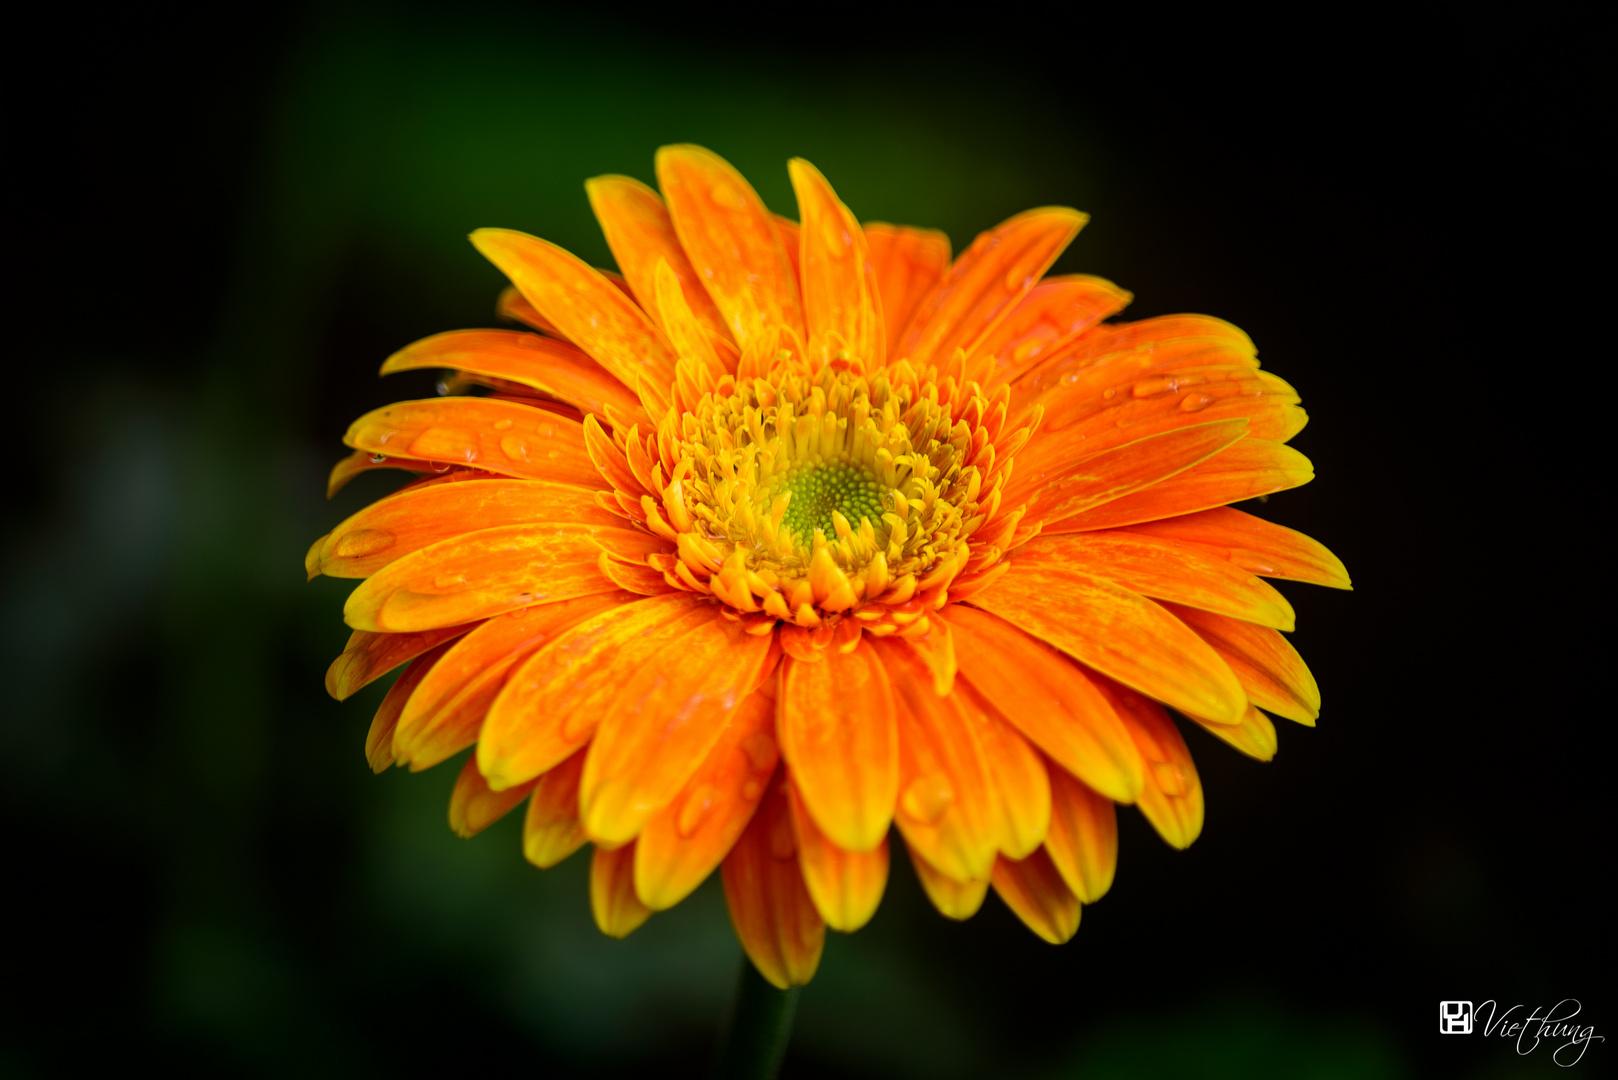 Colorful of Gerbera